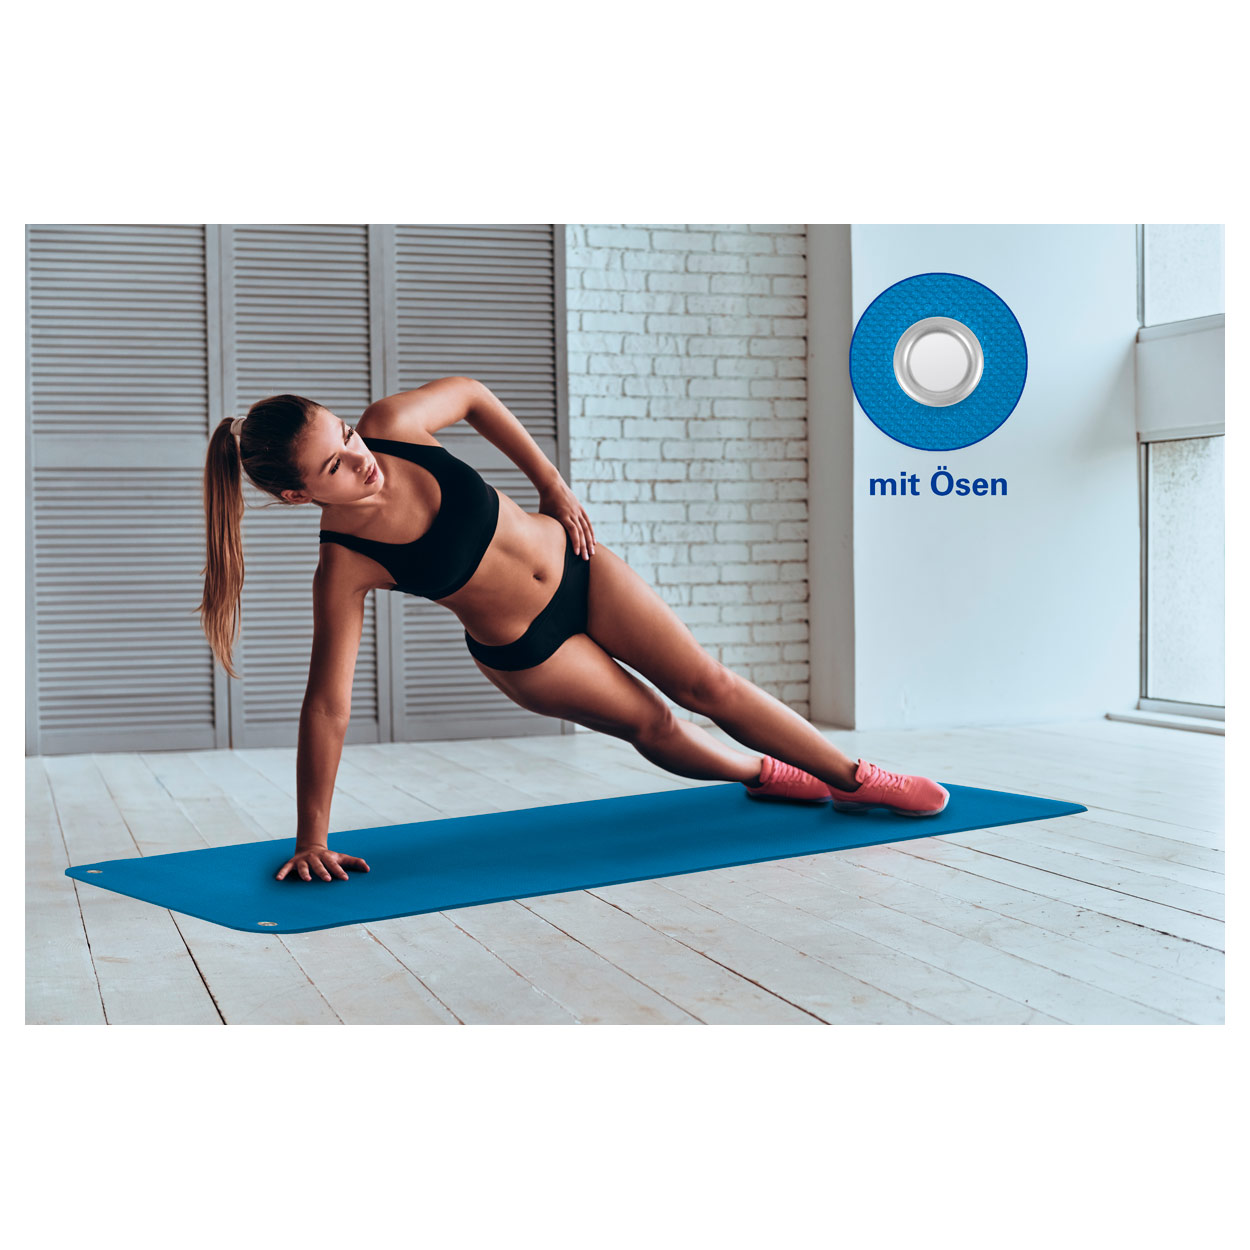 AIREX Gymnastikmatte Coronella inkl /Ösen Turnmatte Sportmatte Fitnessmatte 200cm